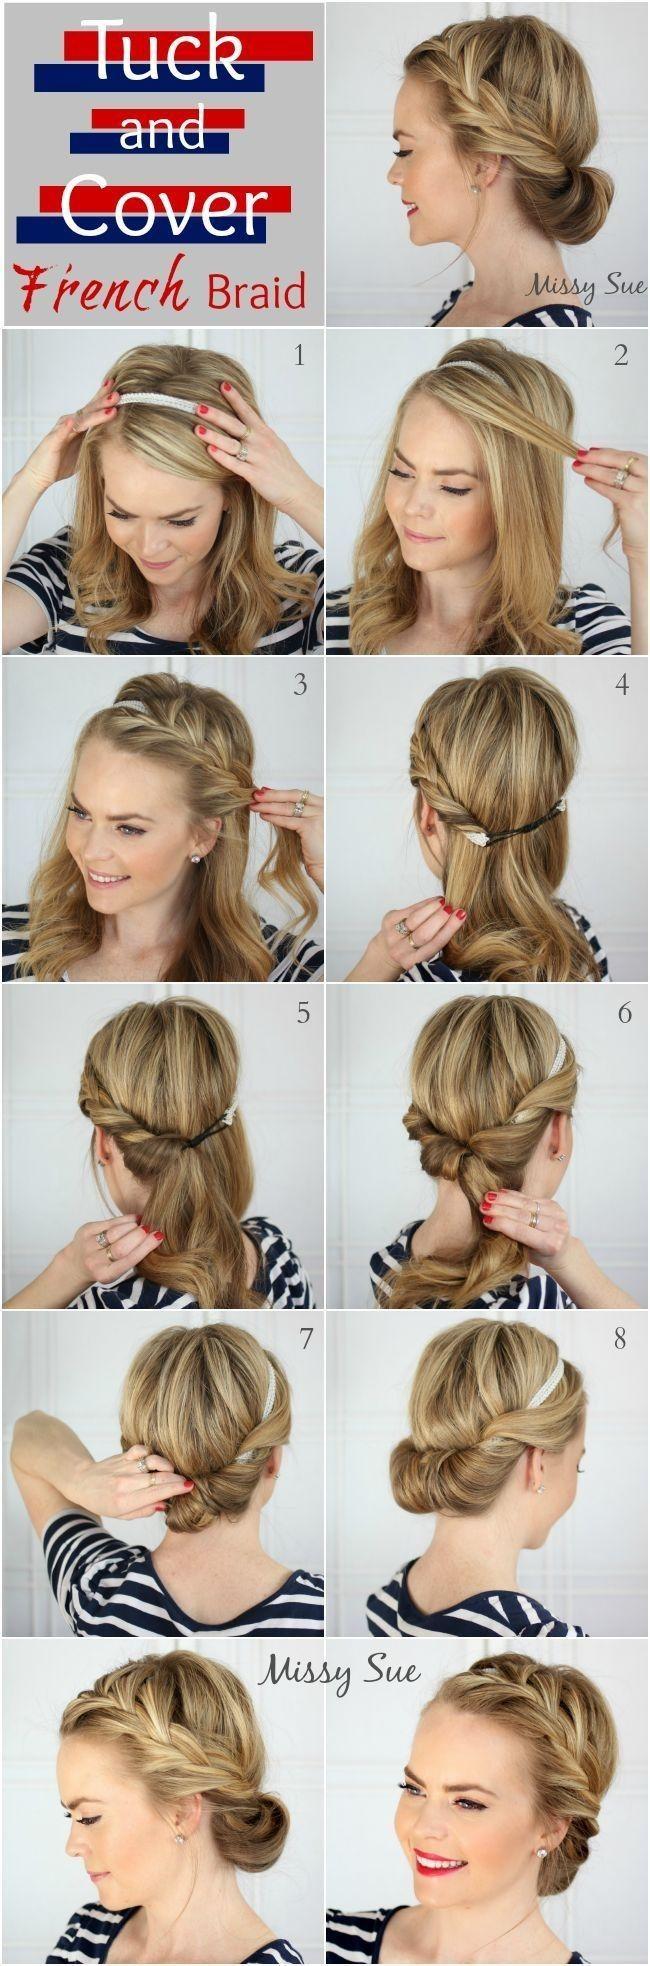 Le chignon est une coiffure classique qui existe depuis des siècles : C'est une coiffure indémodable qui peut s'adopter à toutes les occasions. Dans cet article vous trouvez plus de 60 modèles et tutoriels pour des chignons faciles et magnifiques. Profitez !